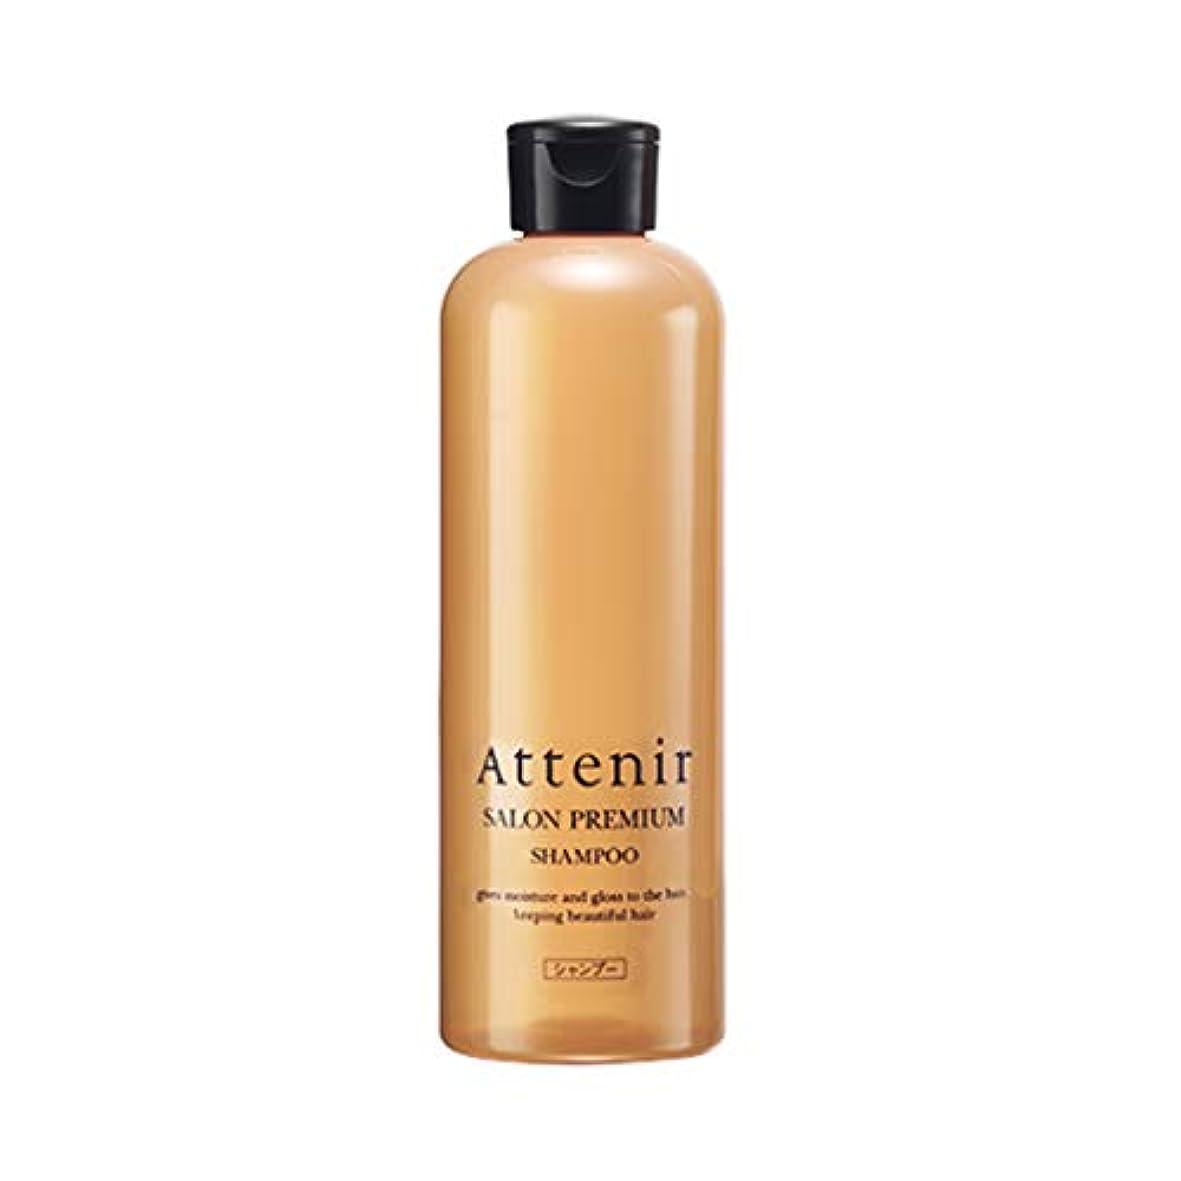 スタックサーマル死すべきアテニア サロンプレミアム シャンプー グランフローラルの香り 毛髪補強成分配合 300ml